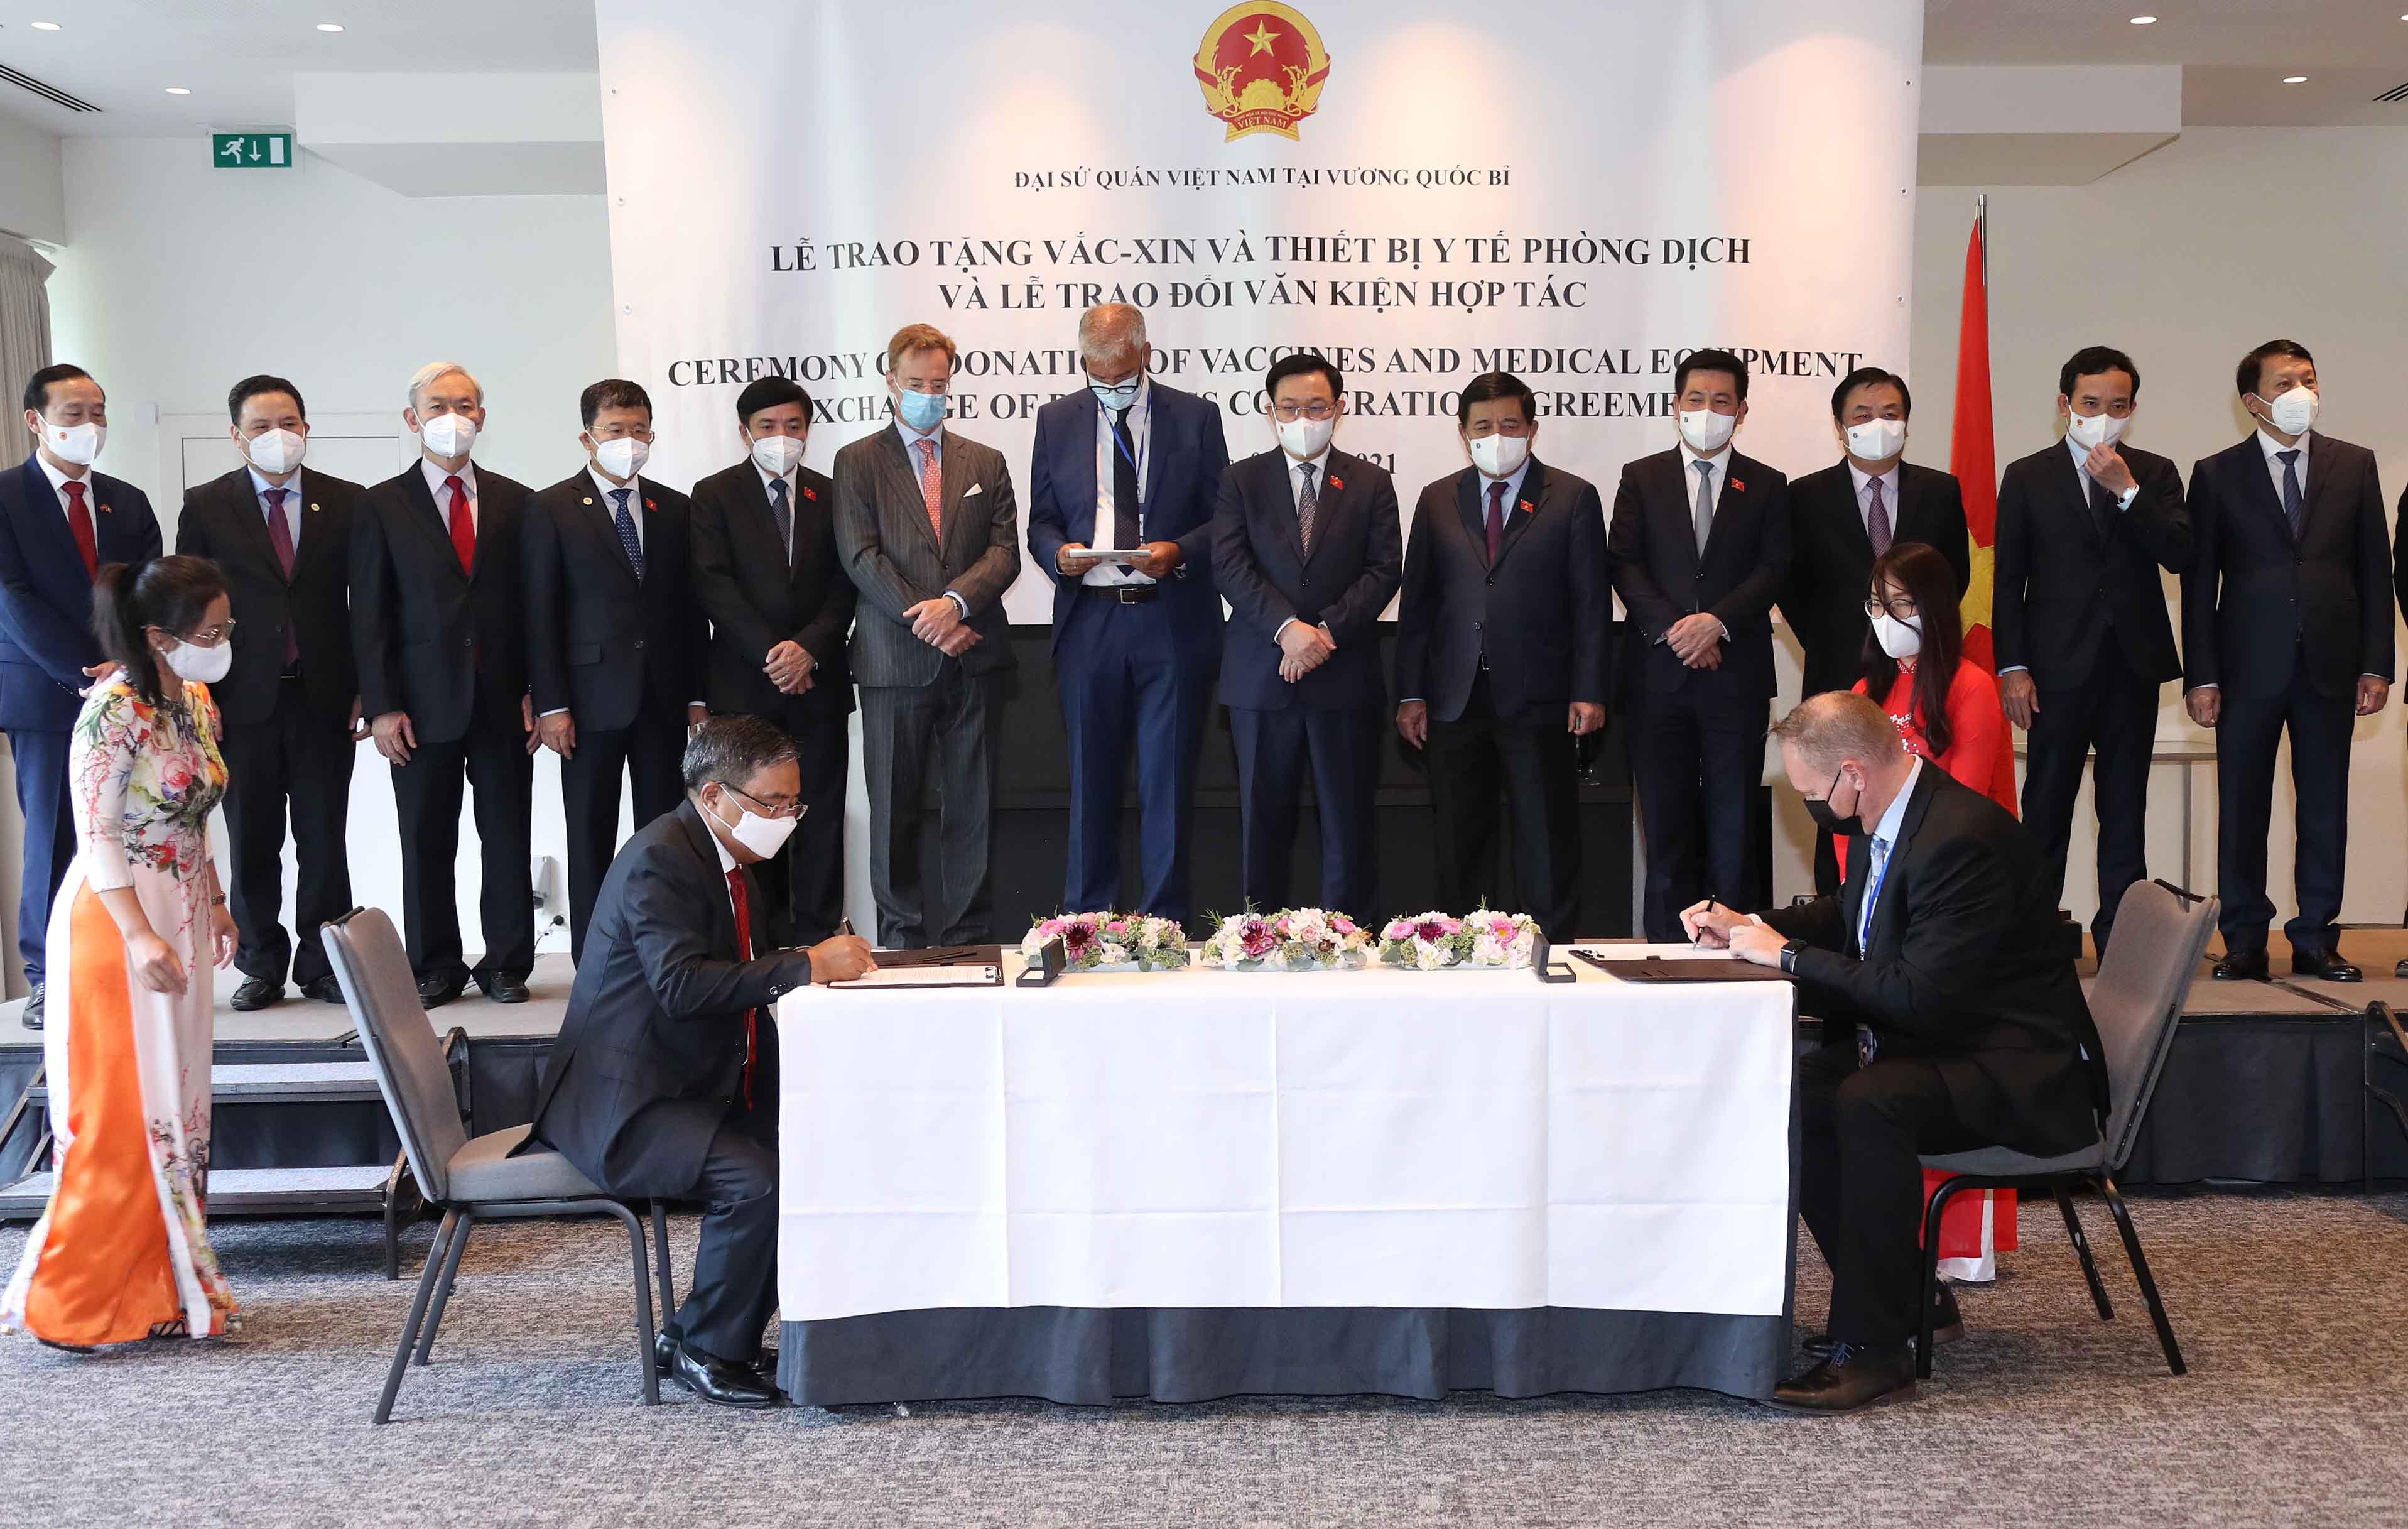 Chuyến đi mang về hàng chục tỉ USD và tầm nhìn chiến lược của Chủ tịch Quốc hội Vương Đình Huệ - Ảnh 9